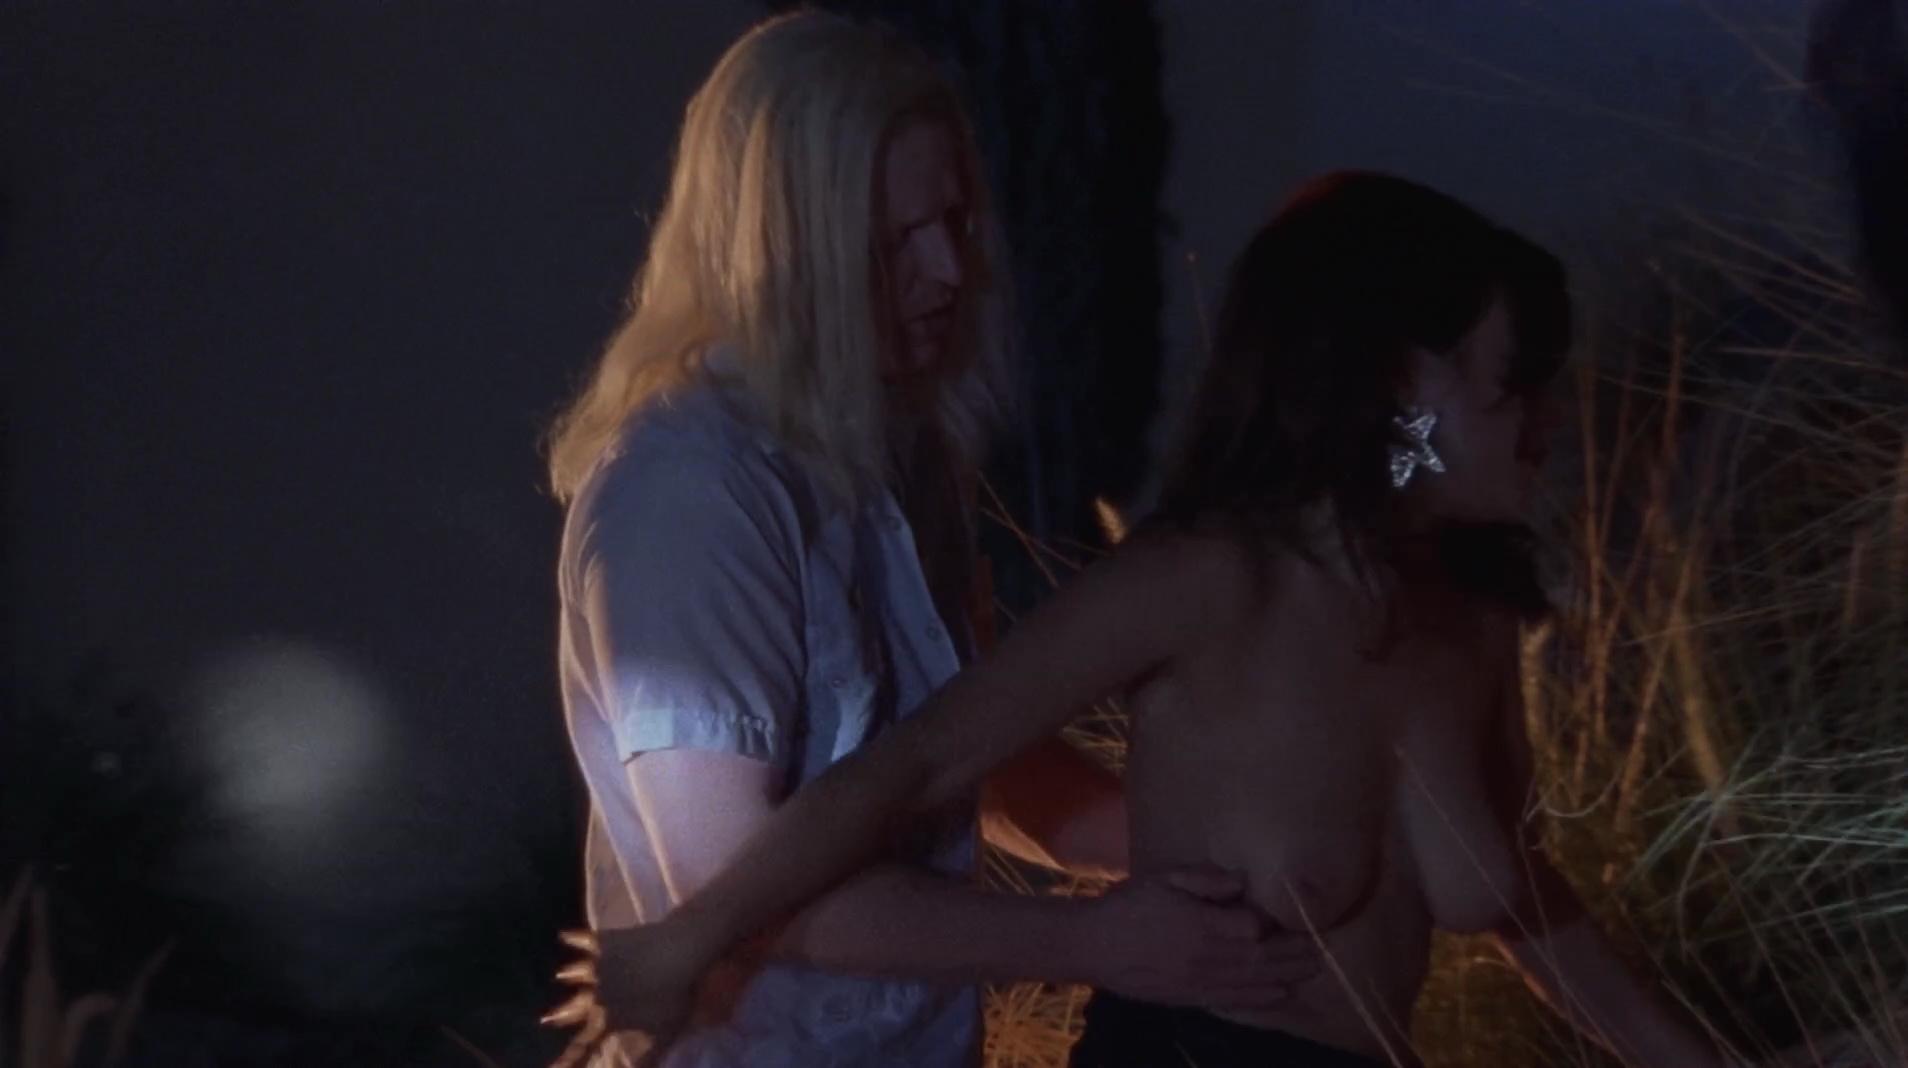 naked (95 photos), Sexy Celebrites image